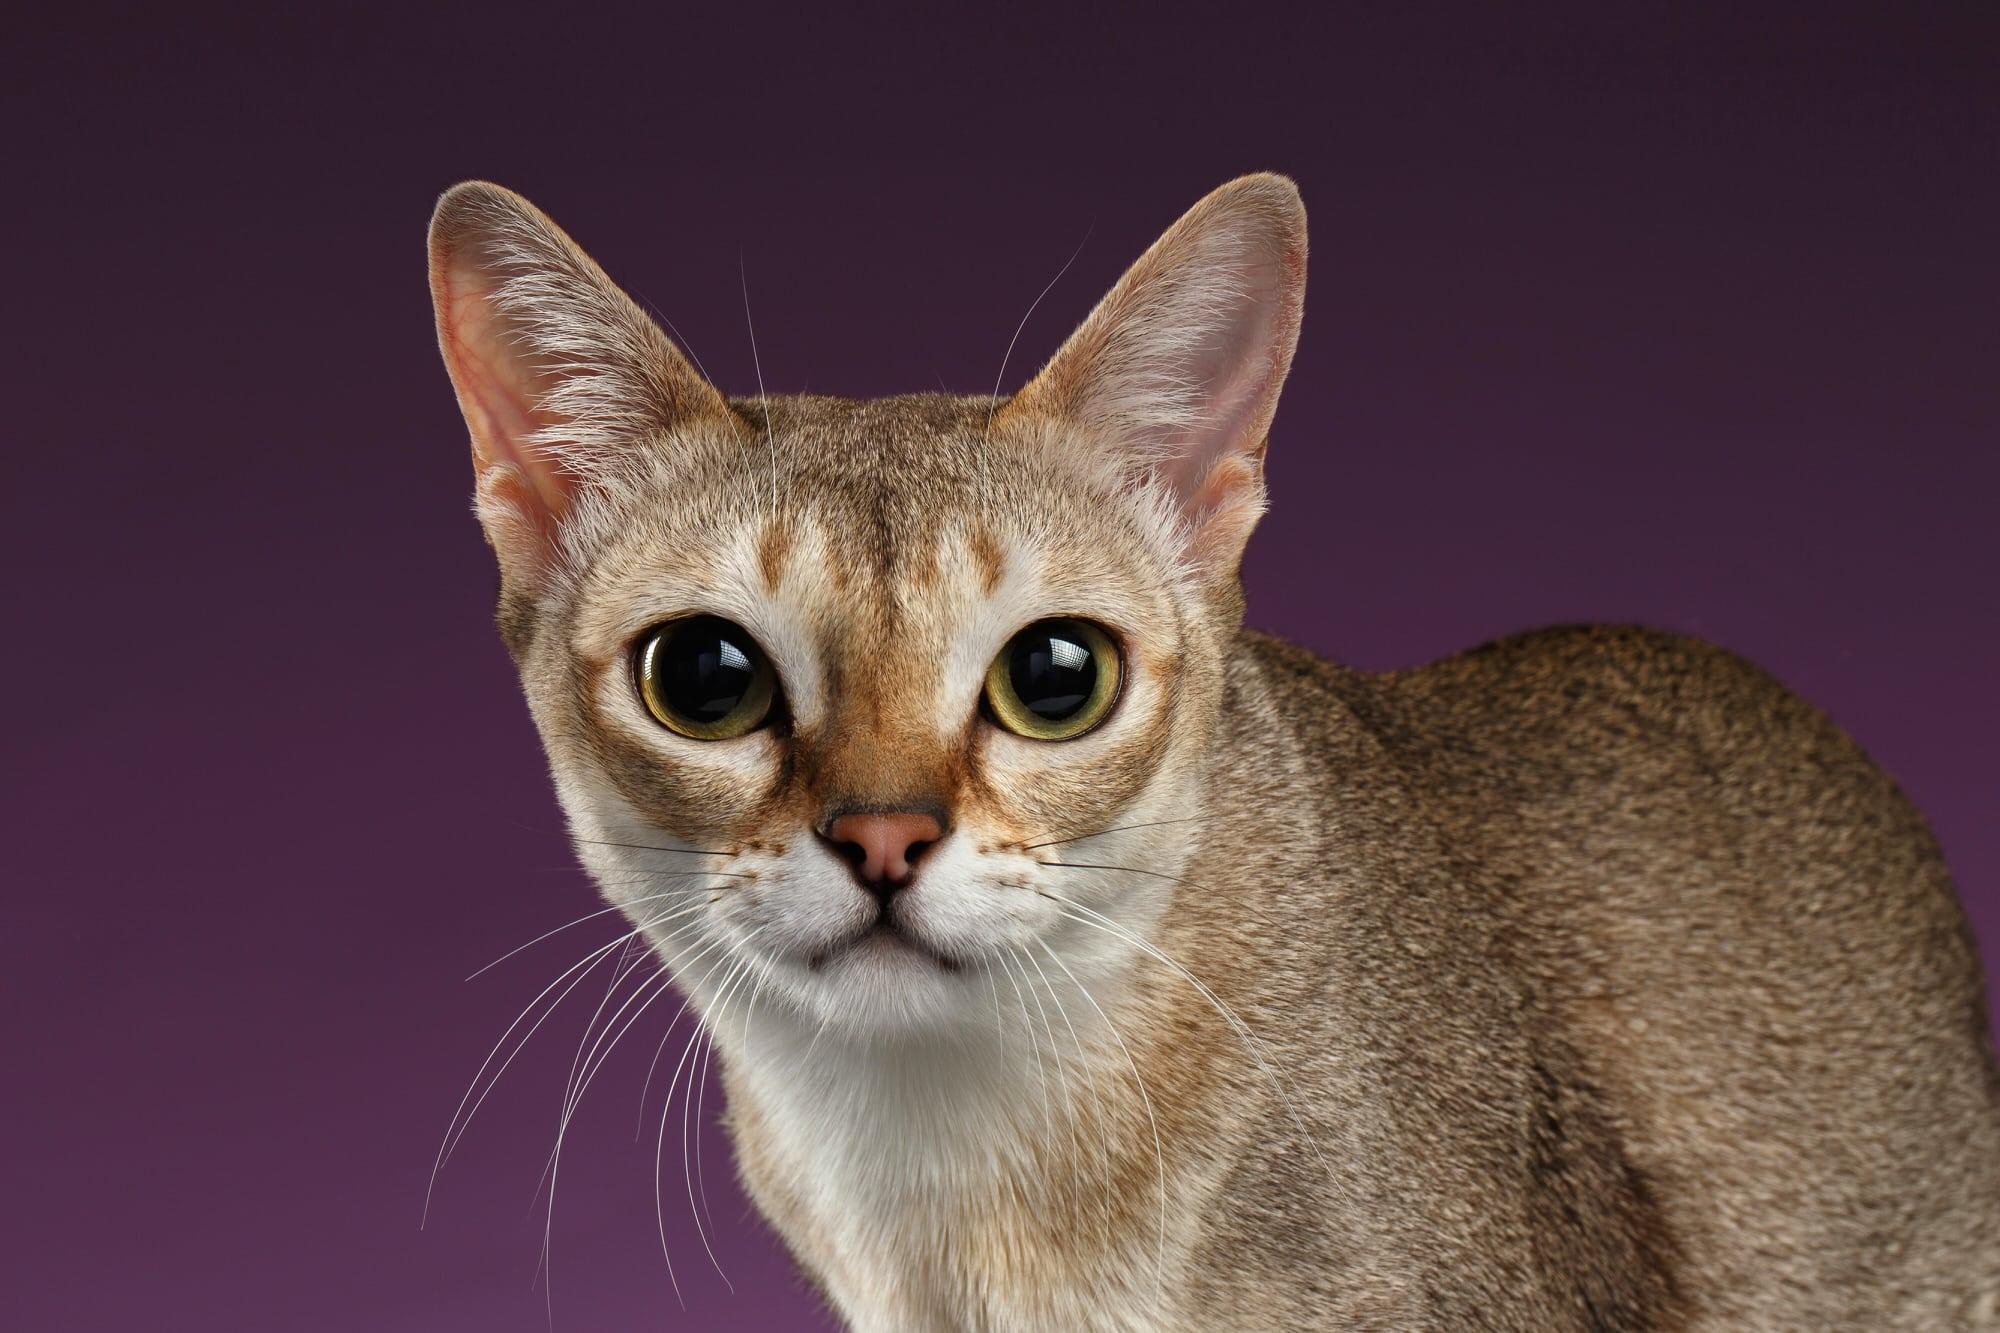 Chinchilla Cat For Sale Singapore